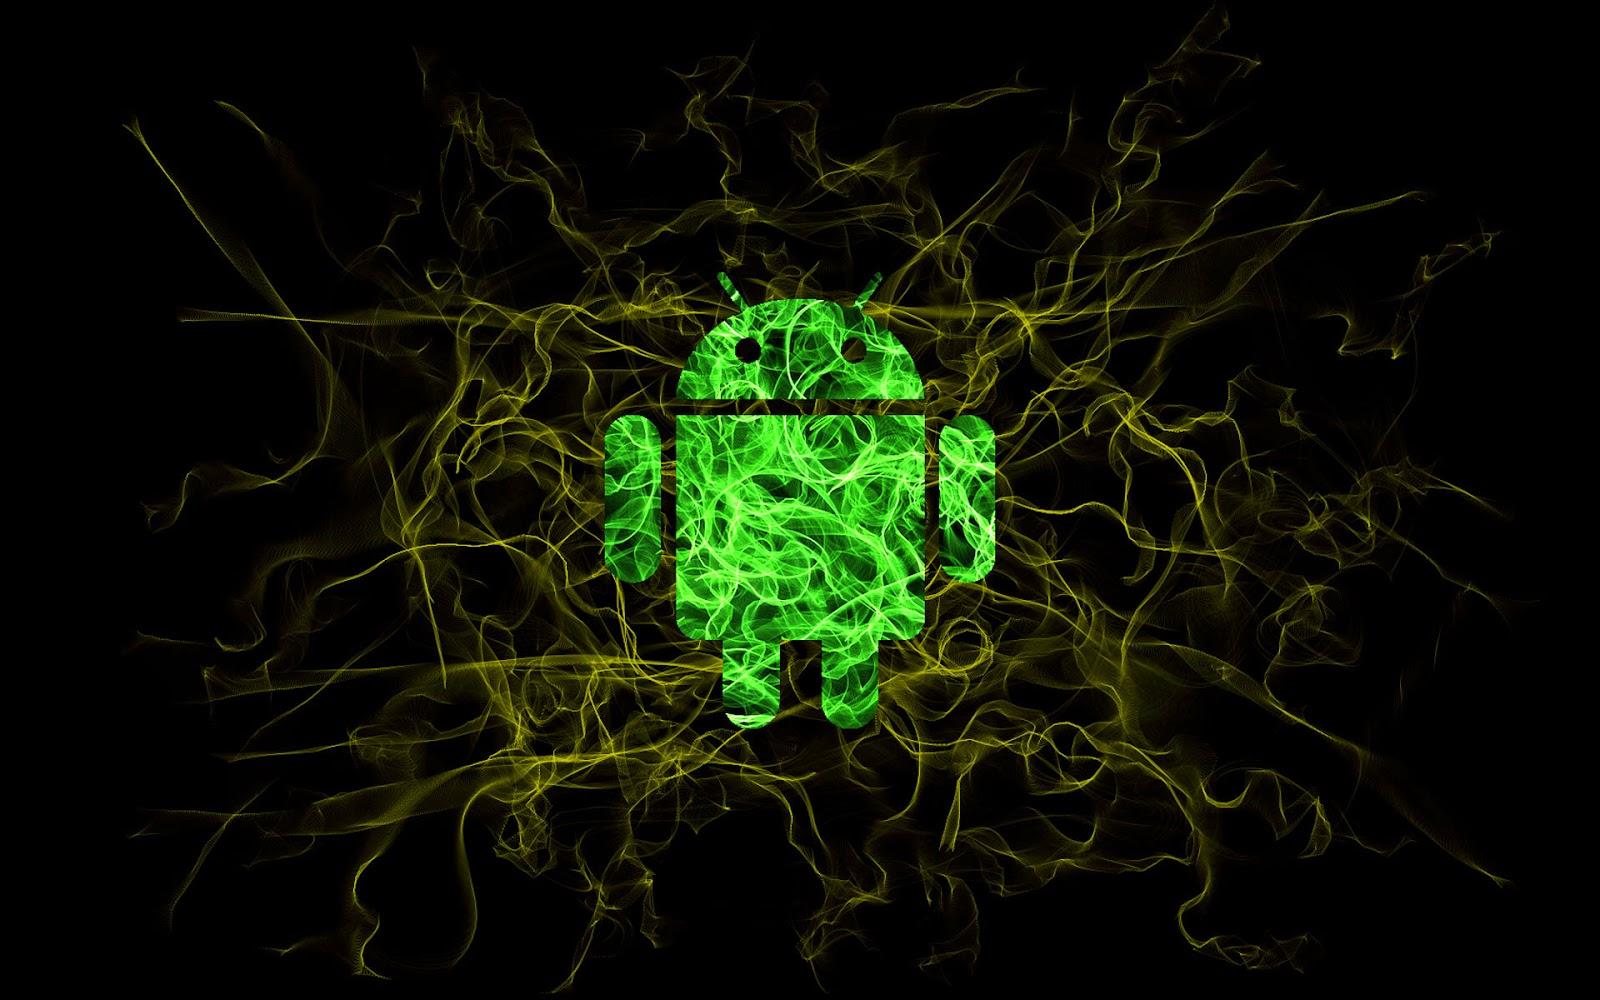 Fondos de pantalla para todo los dispositivos android, ios  2015